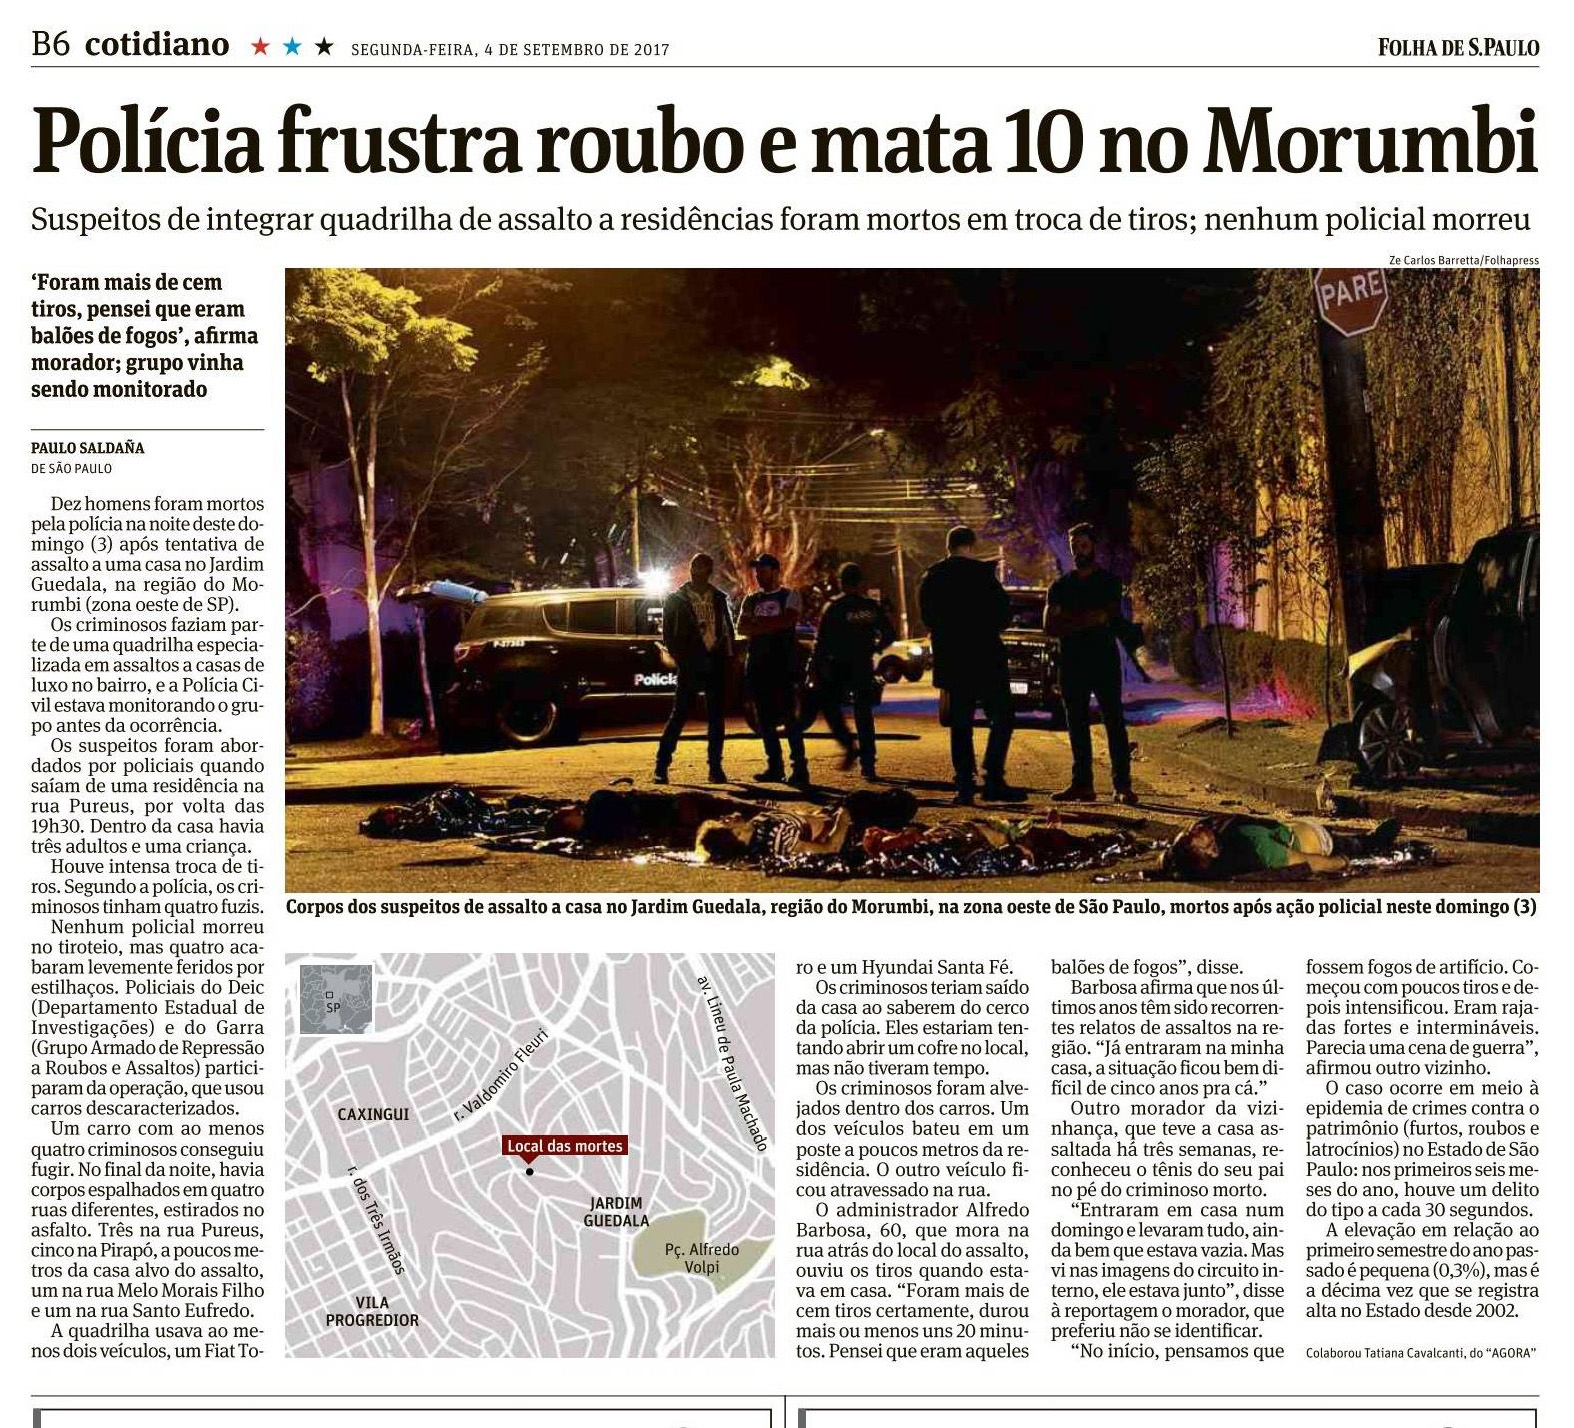 Publicação sobre violência no caderno Cotidiano da Folha de São Paulo (2017) / Publication about violence in Folha de Sao Paulo newspaper (2017)